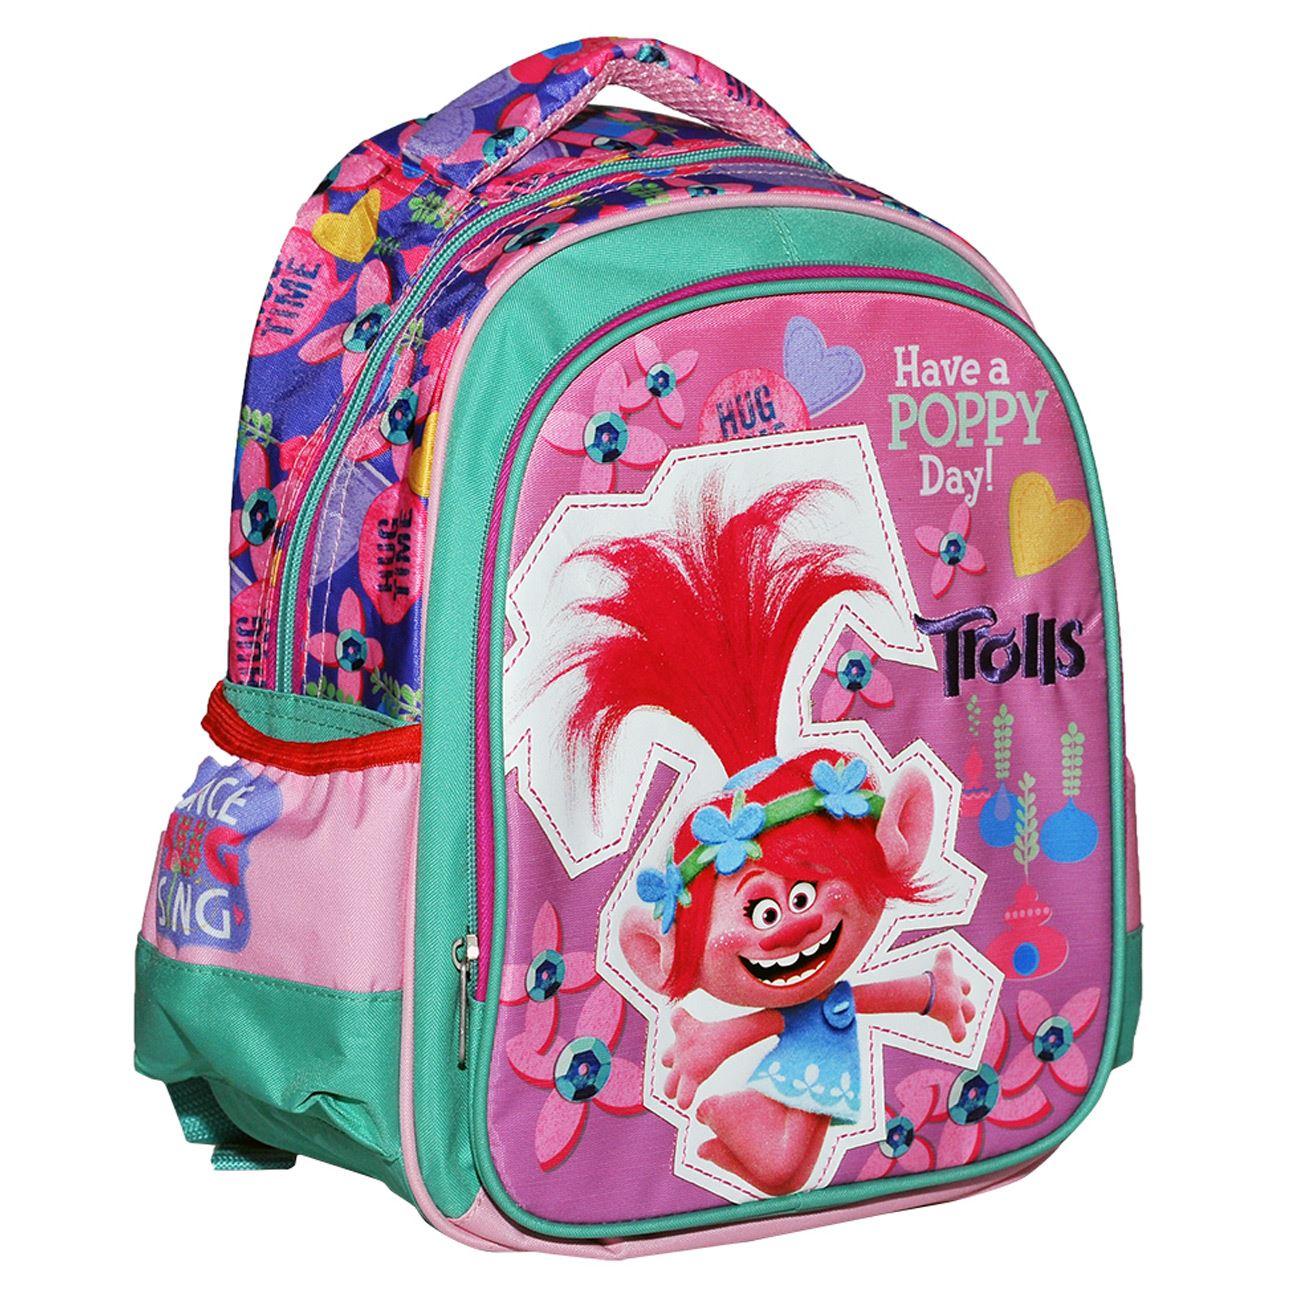 b6237c5f28 Σχολική Τσάντα Νηπιαγωγείου TROLLS   Trolls